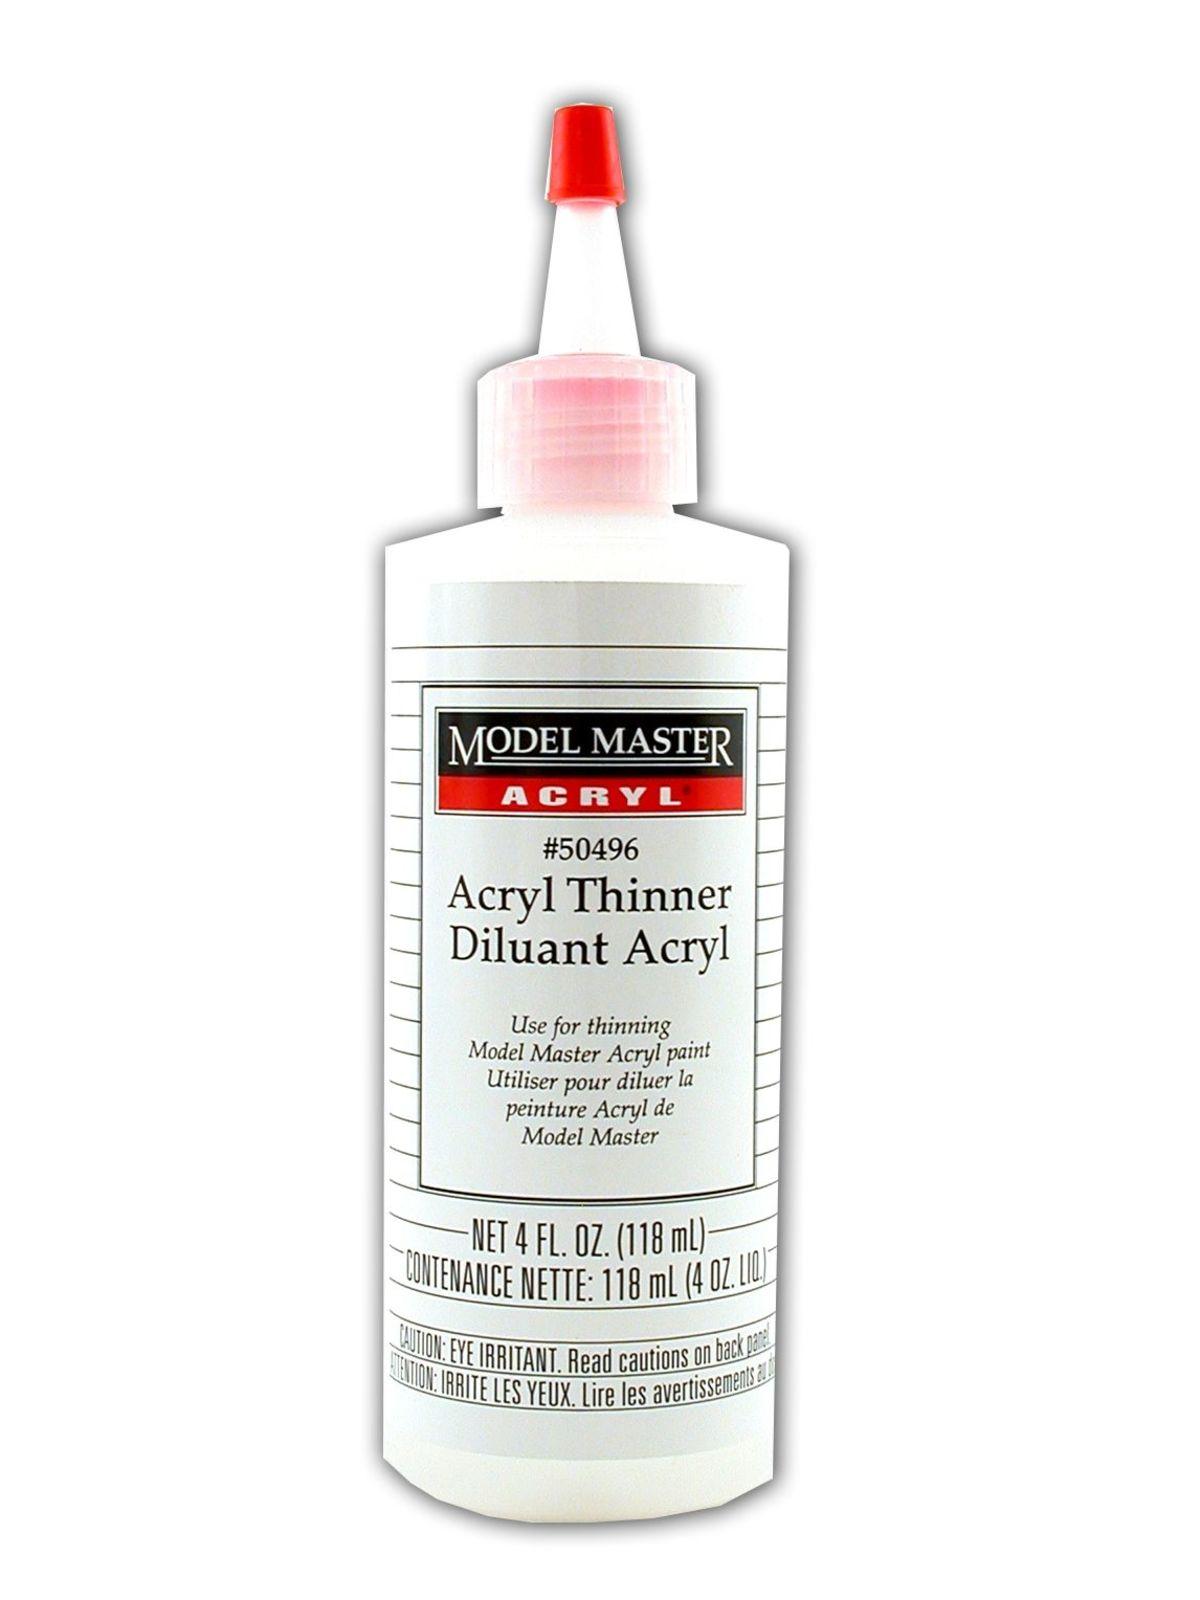 Model Master Acryl Thinner